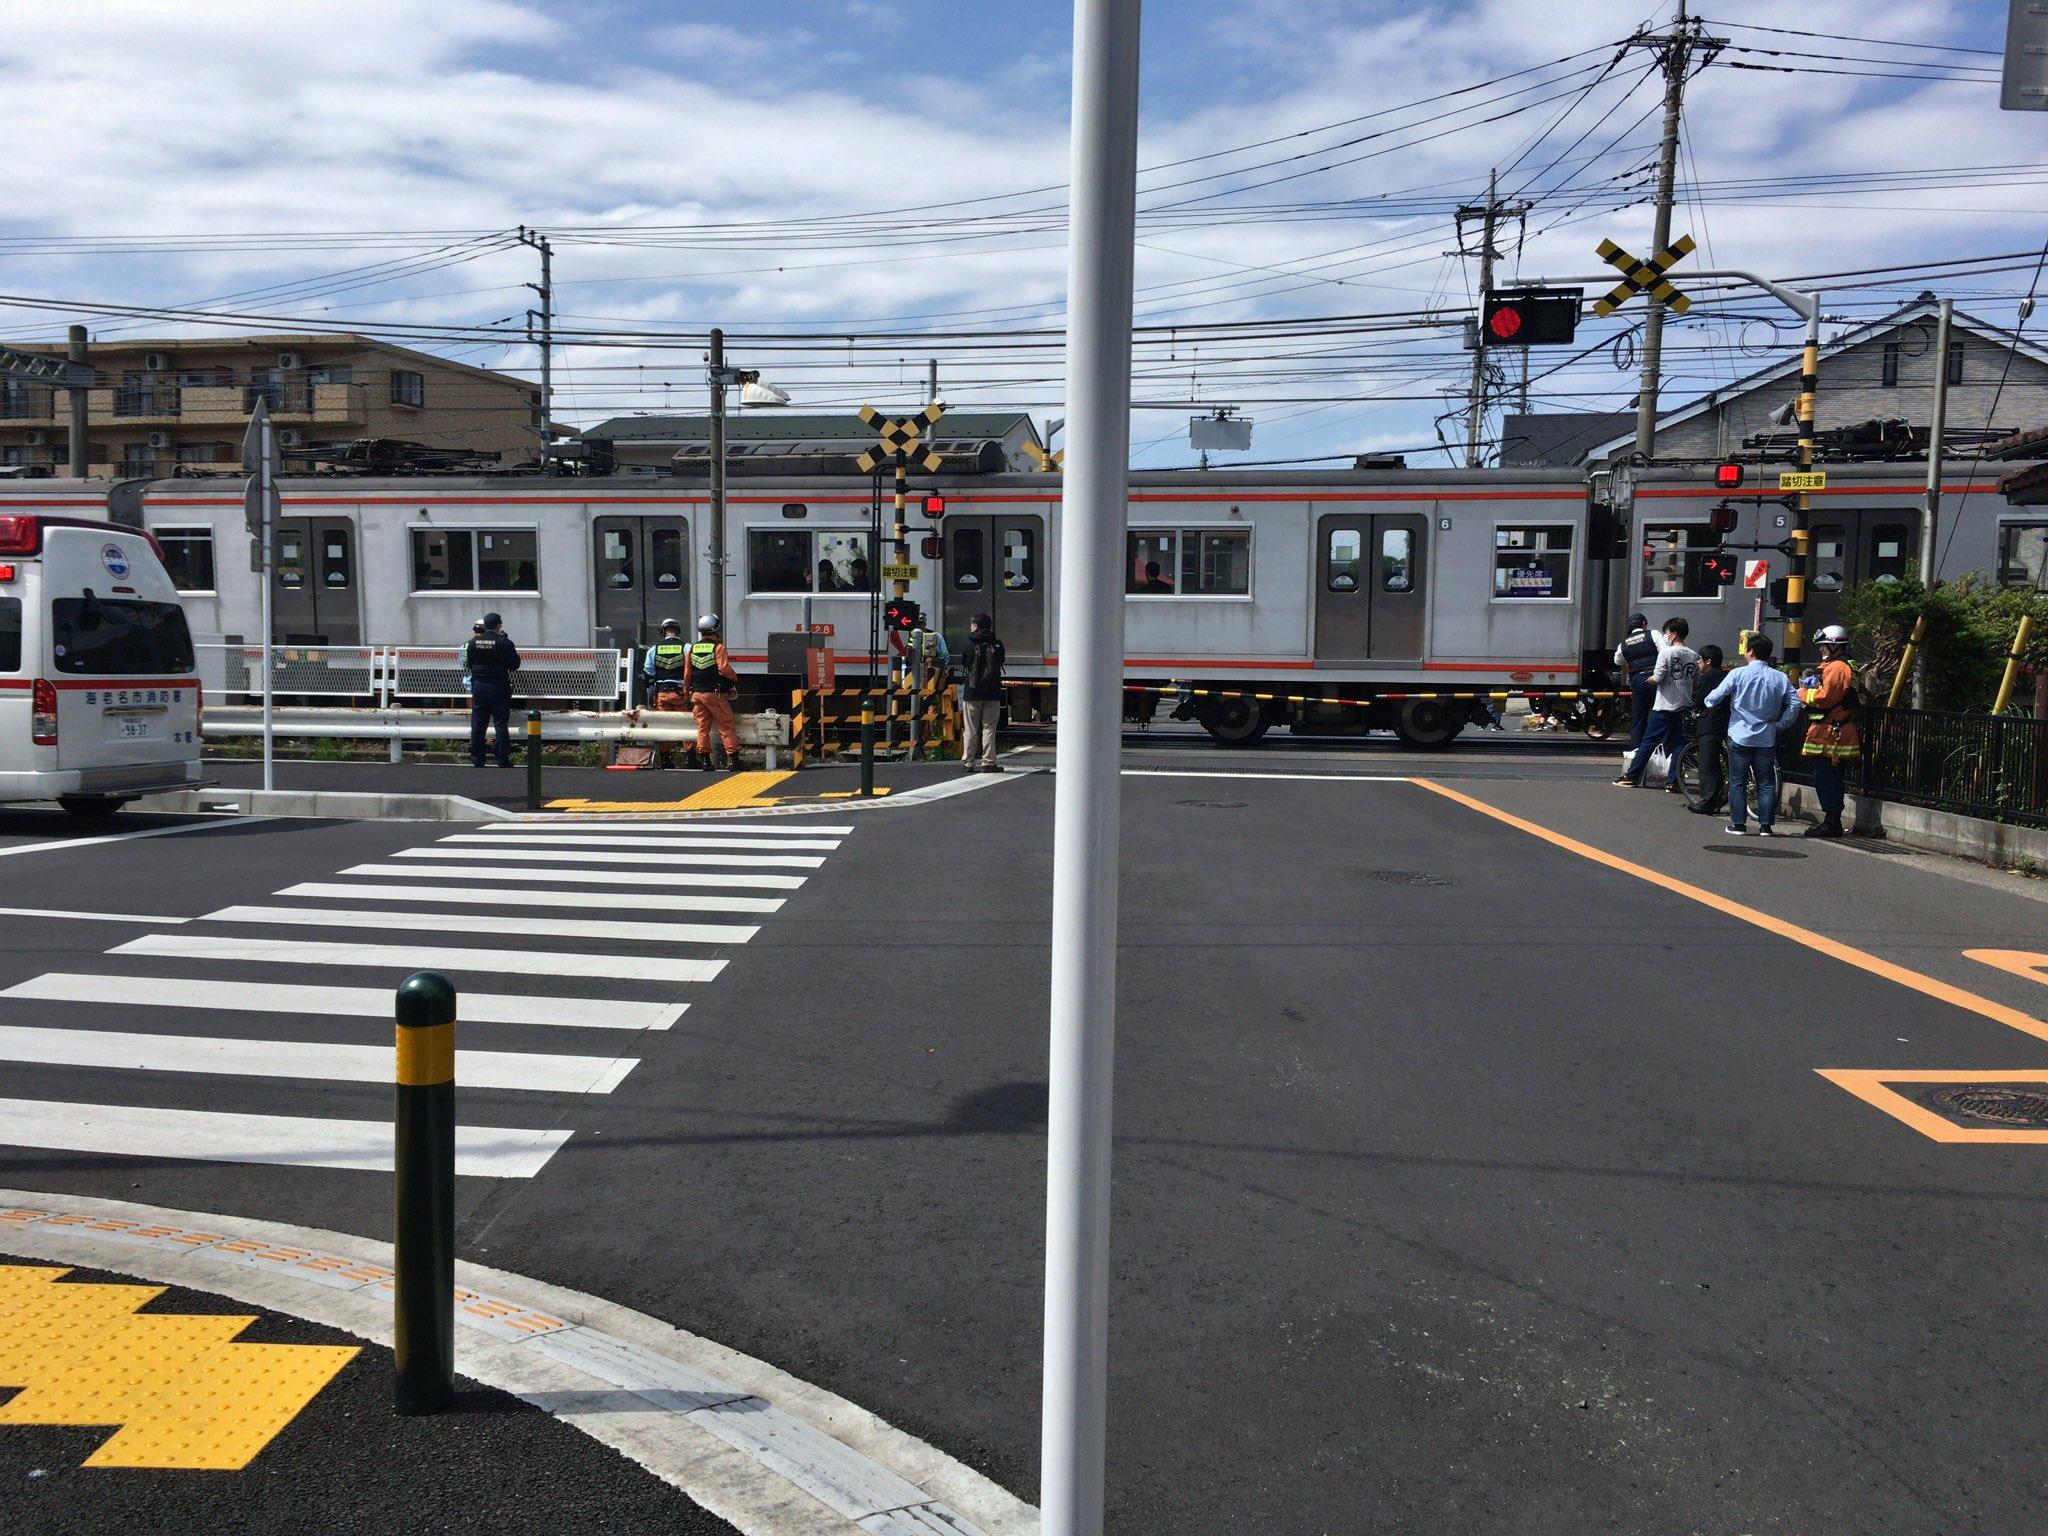 相鉄線の海老名駅~かしわ台駅間で人身事故が起きた現場画像